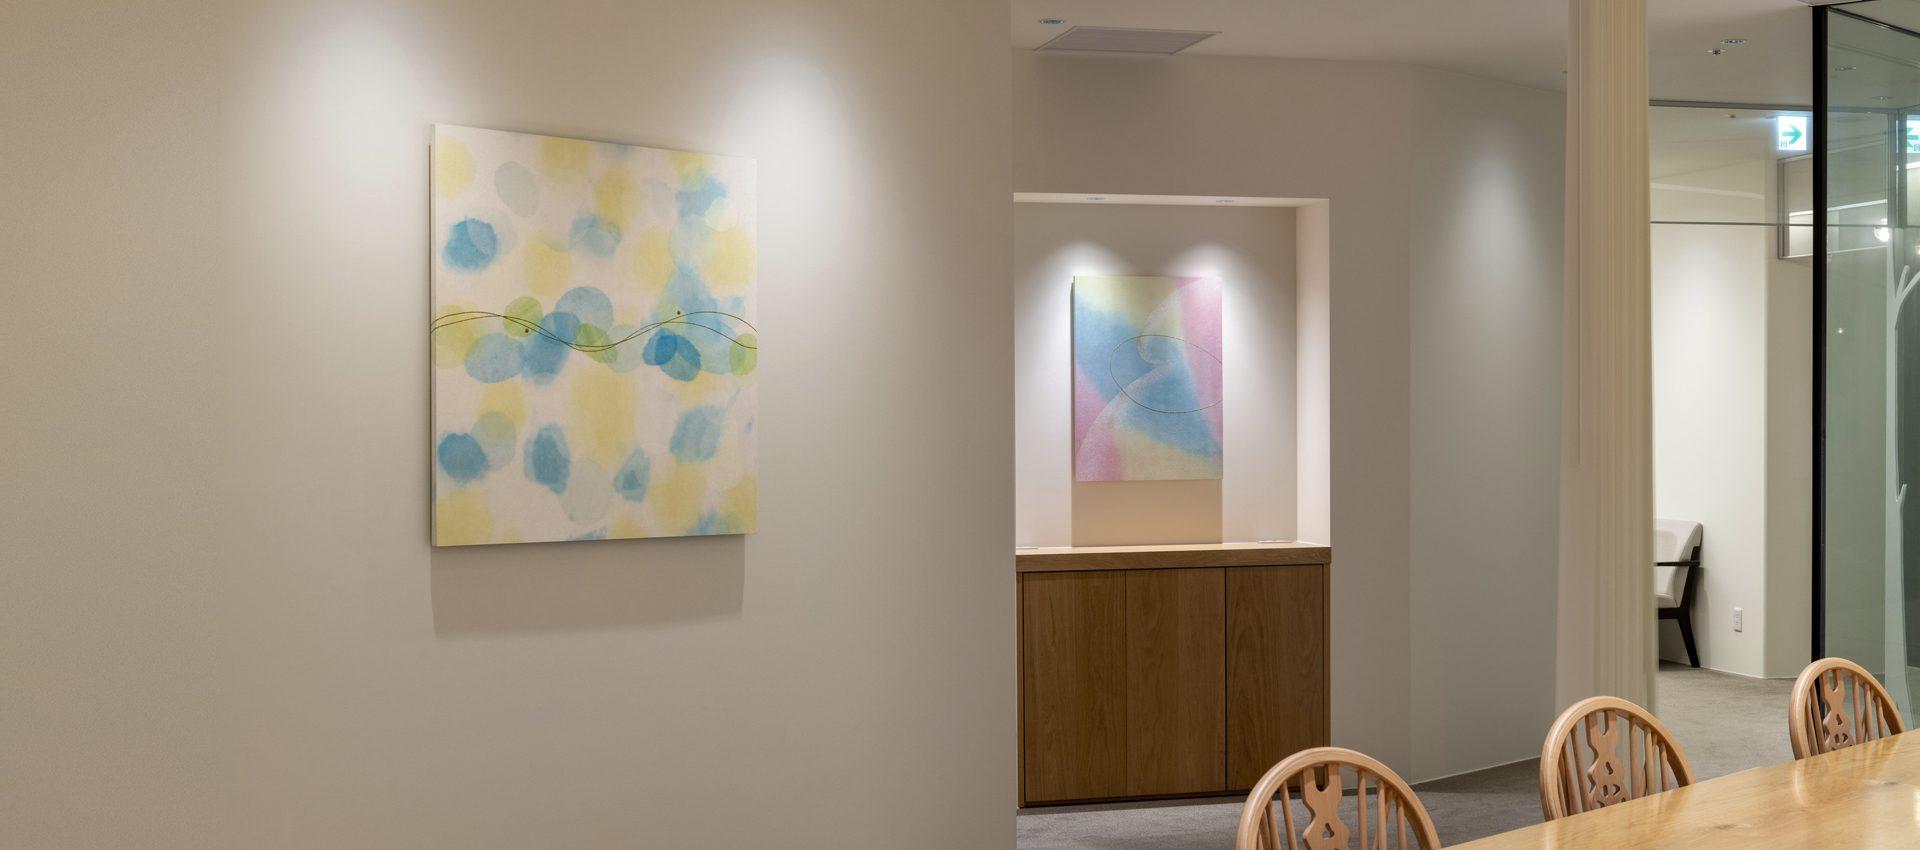 「癒し」和紙ホスピタルアートパネル(大サイズ画像)病院